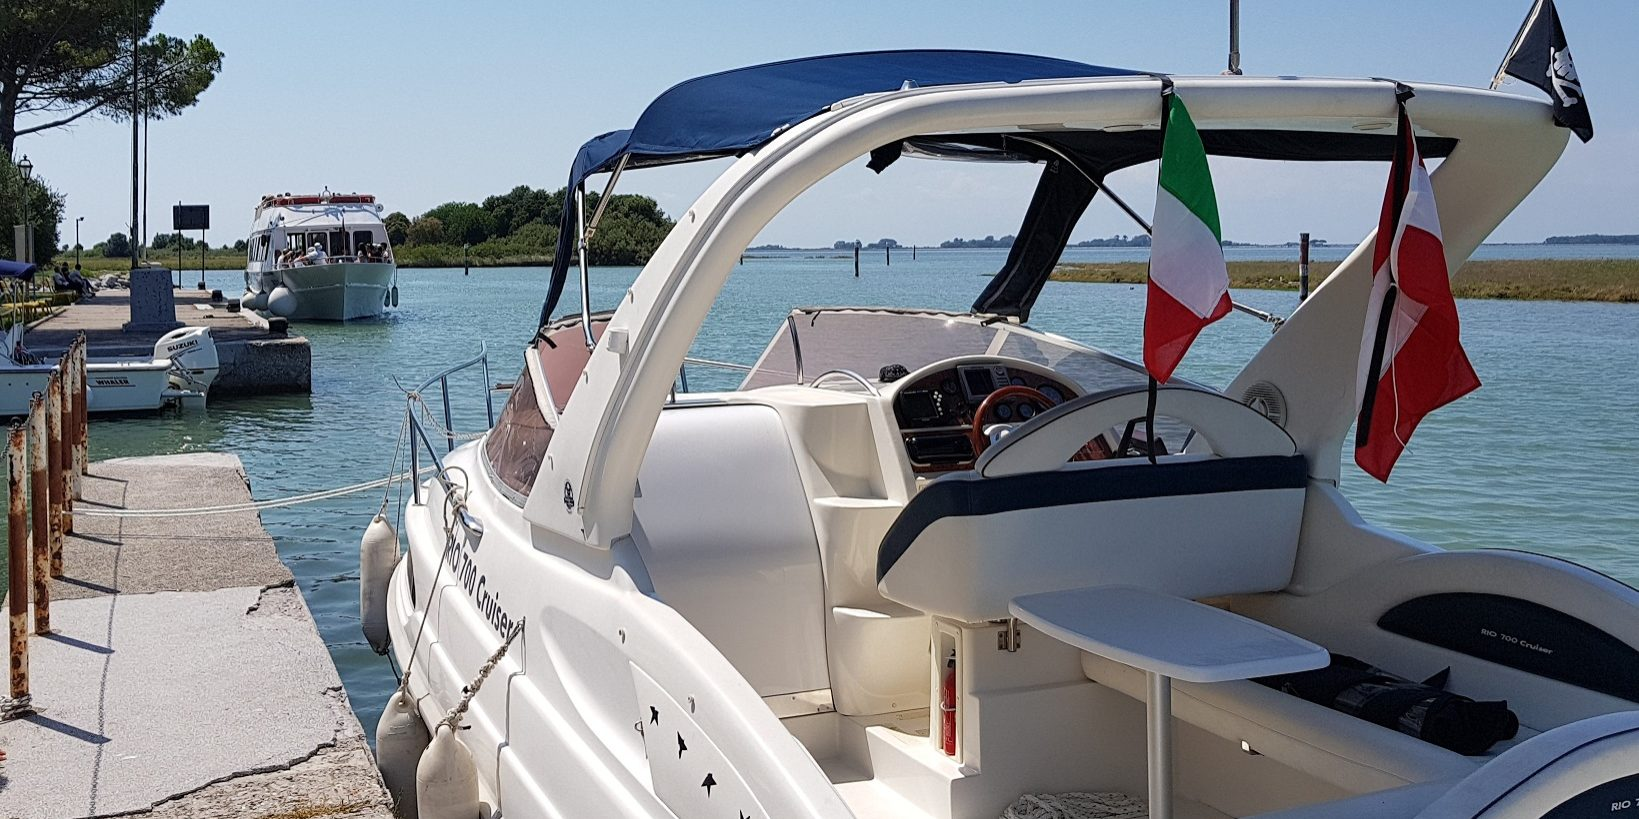 schwaigernautik.com motorboot binnen von achtern an mole panorama